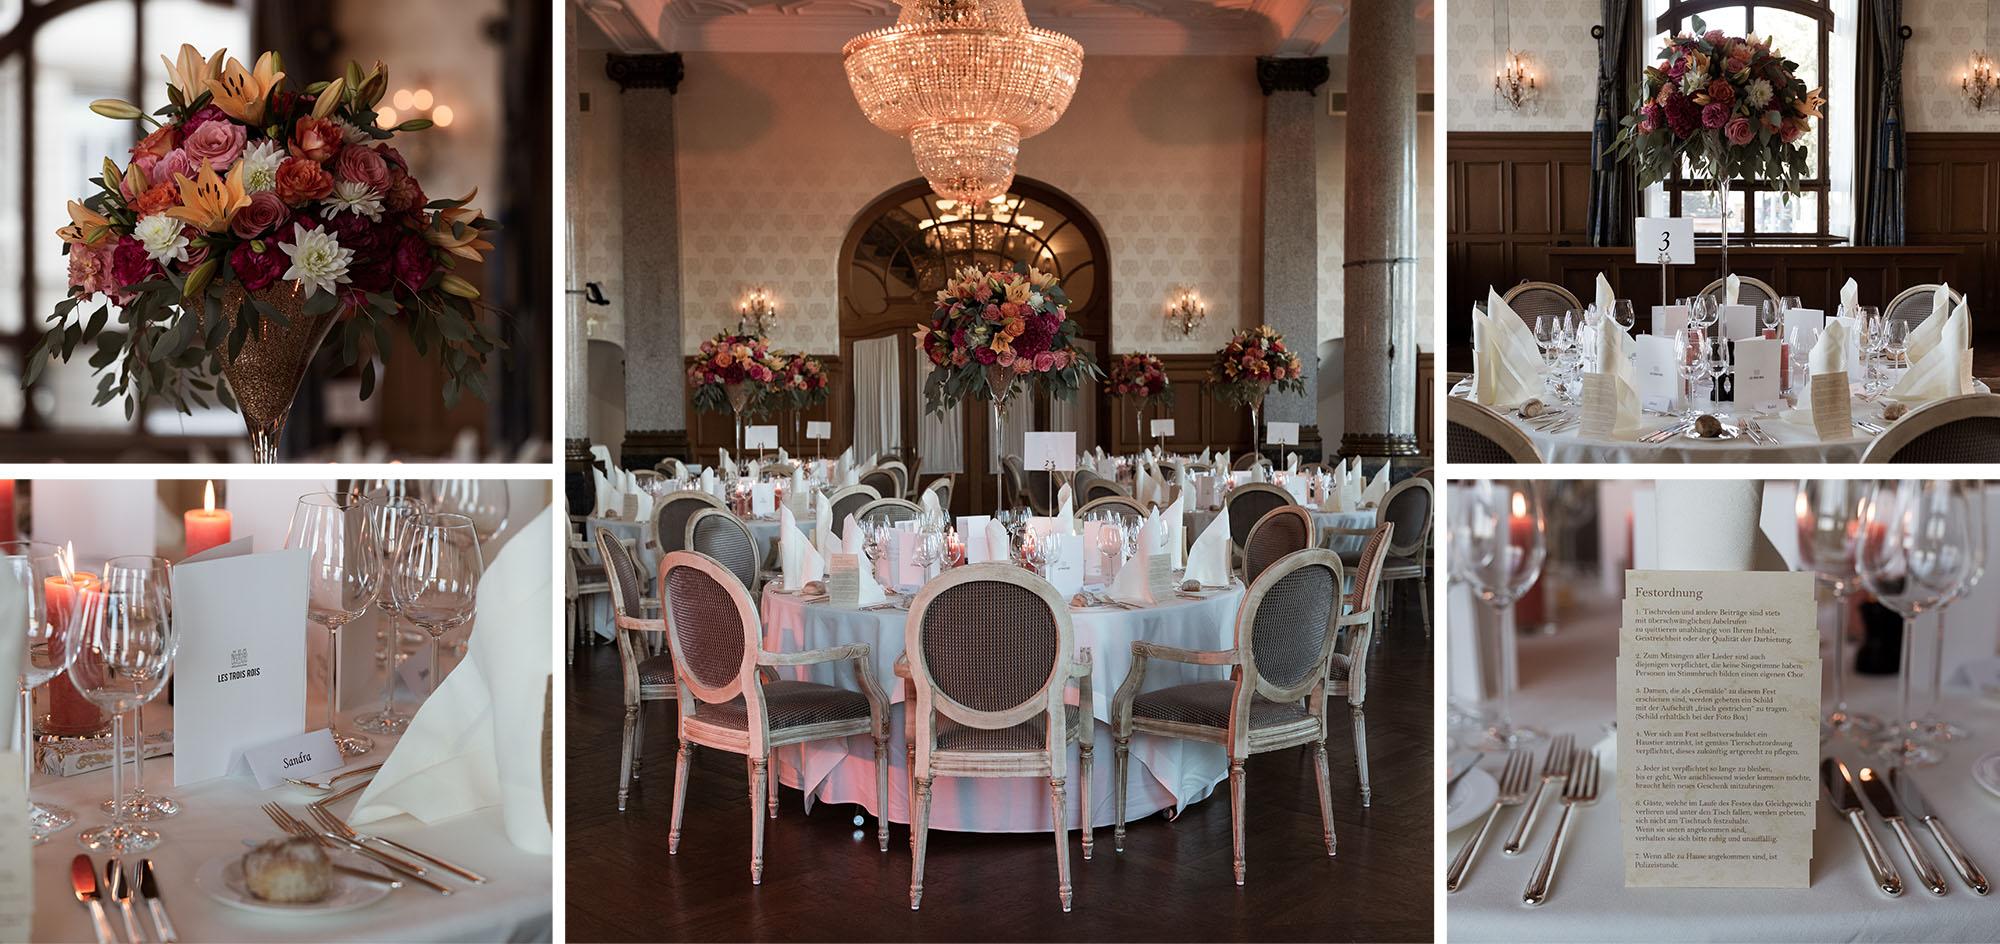 Das Hochzeitsfest im Grand Hotel Les Trois Rois - Location - Hochzeitsdekoration - Hochzeitsfotograf Basel